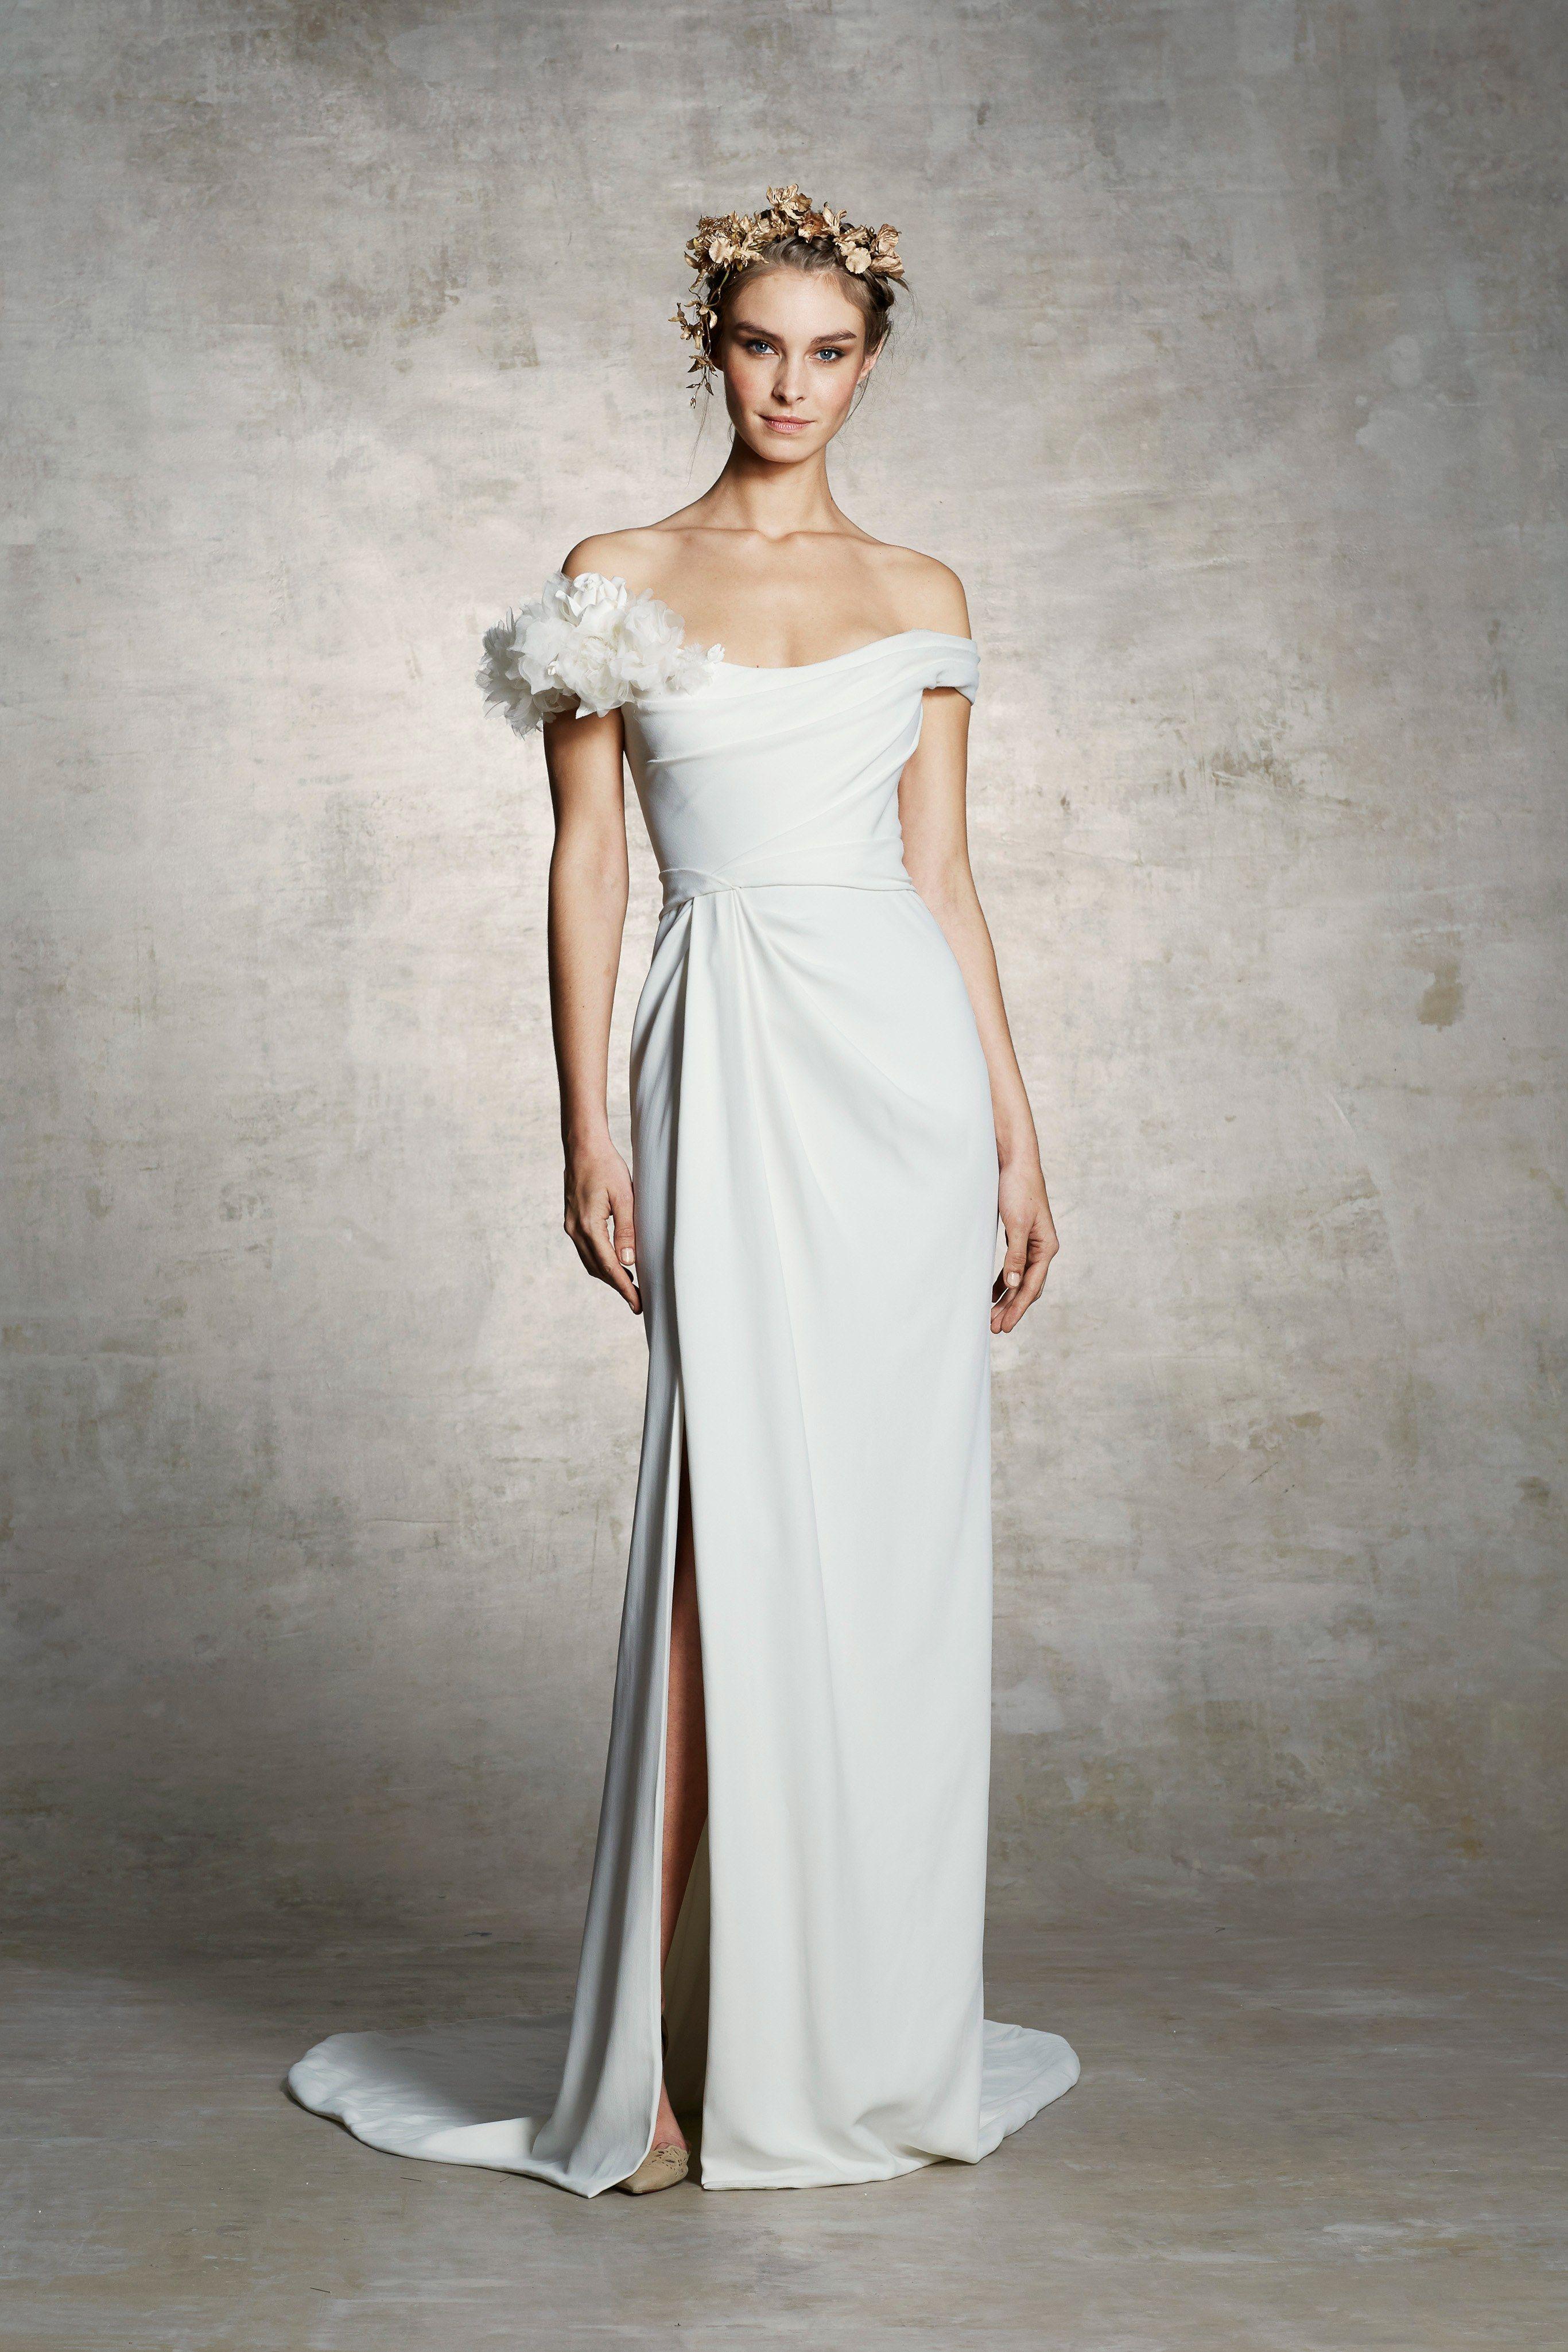 Marchesa bridal spring fashion show in bridal spring